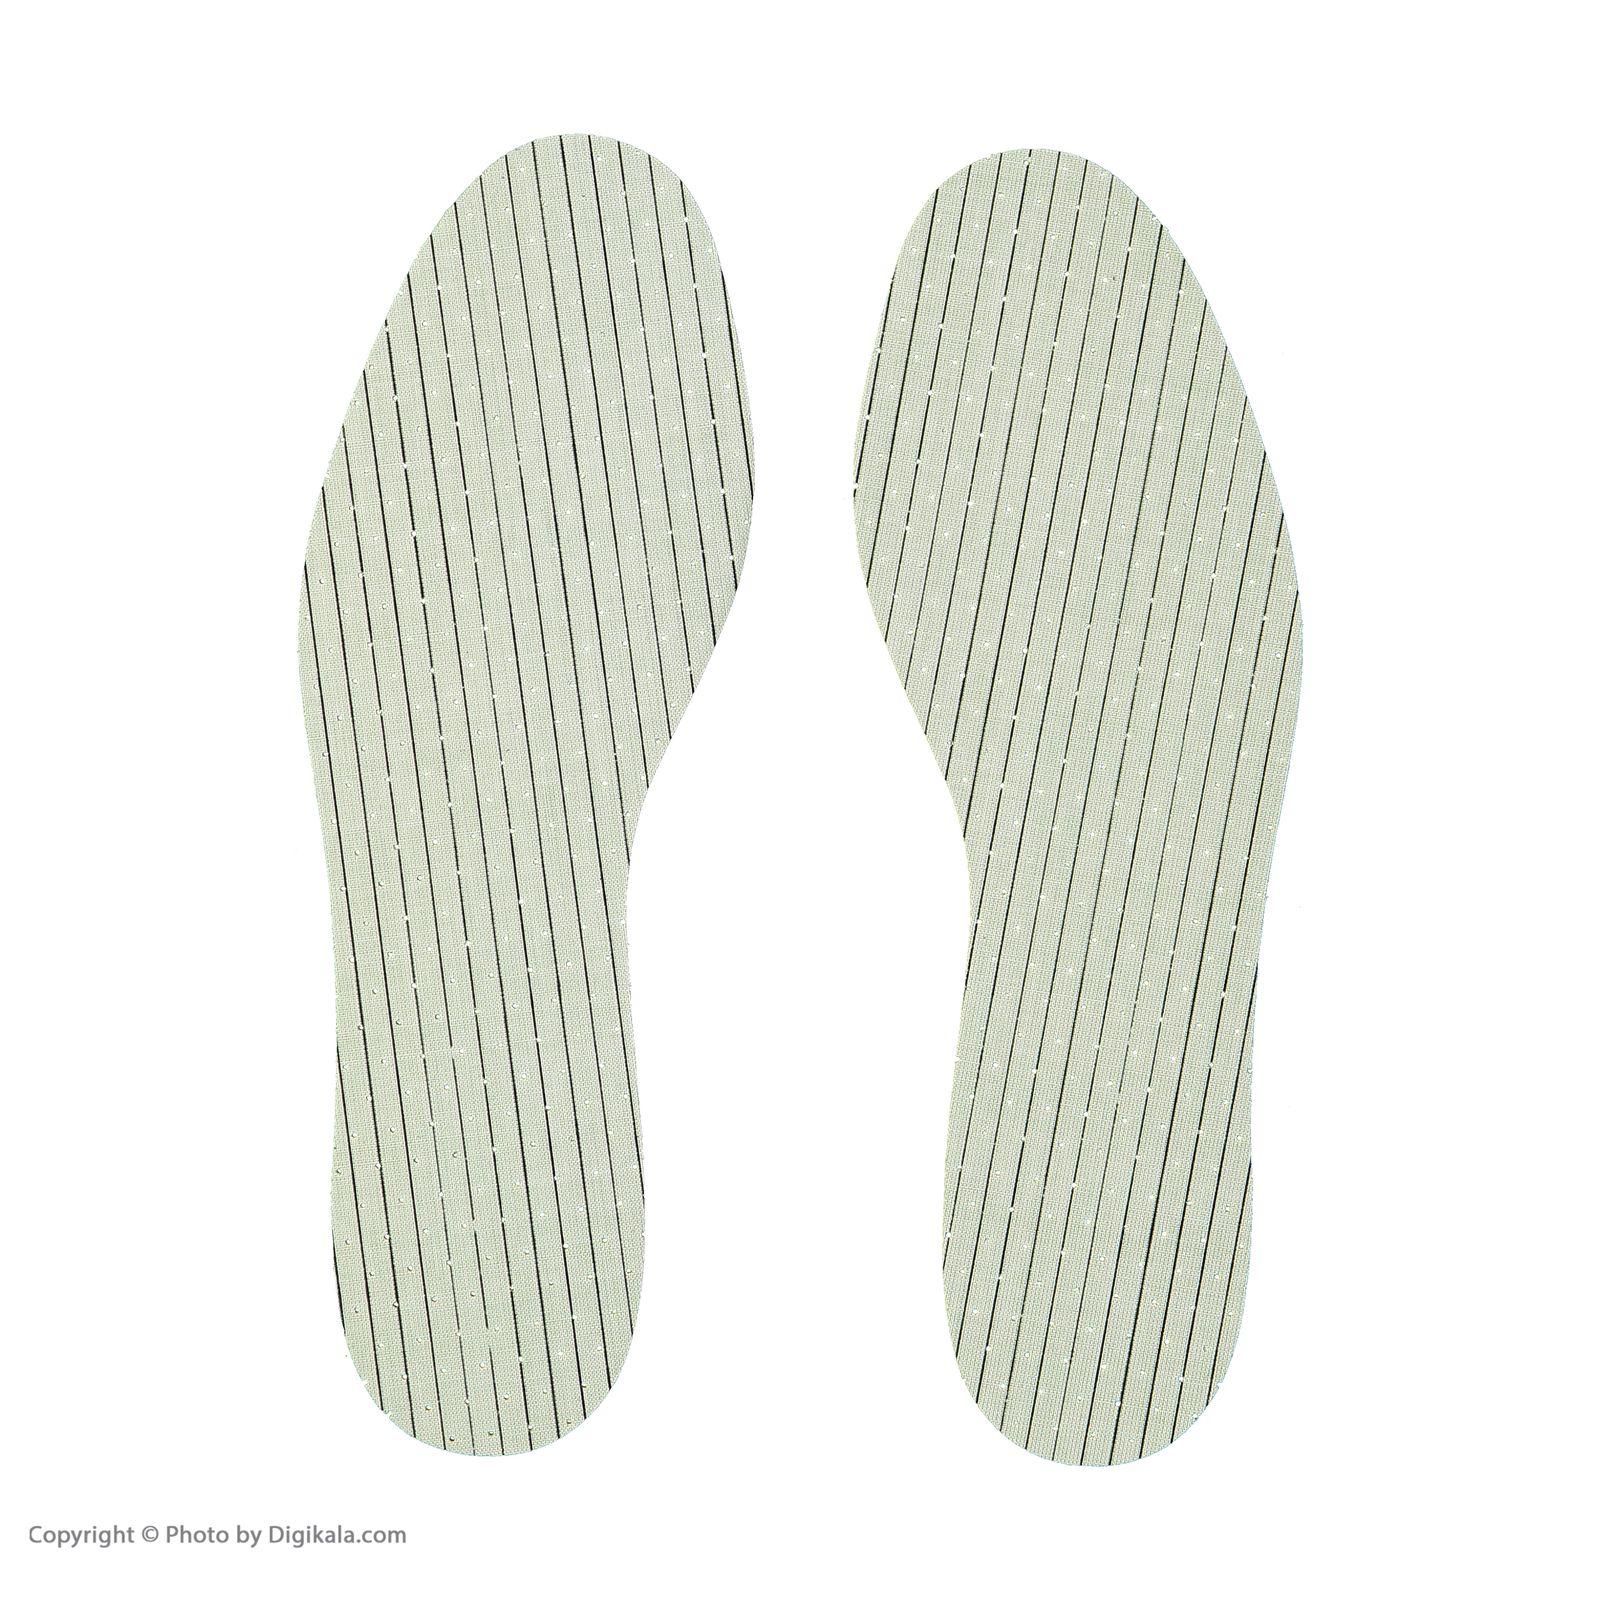 کفي کفش کوایمبرا مدل 1016045 سایز 45 -  - 3